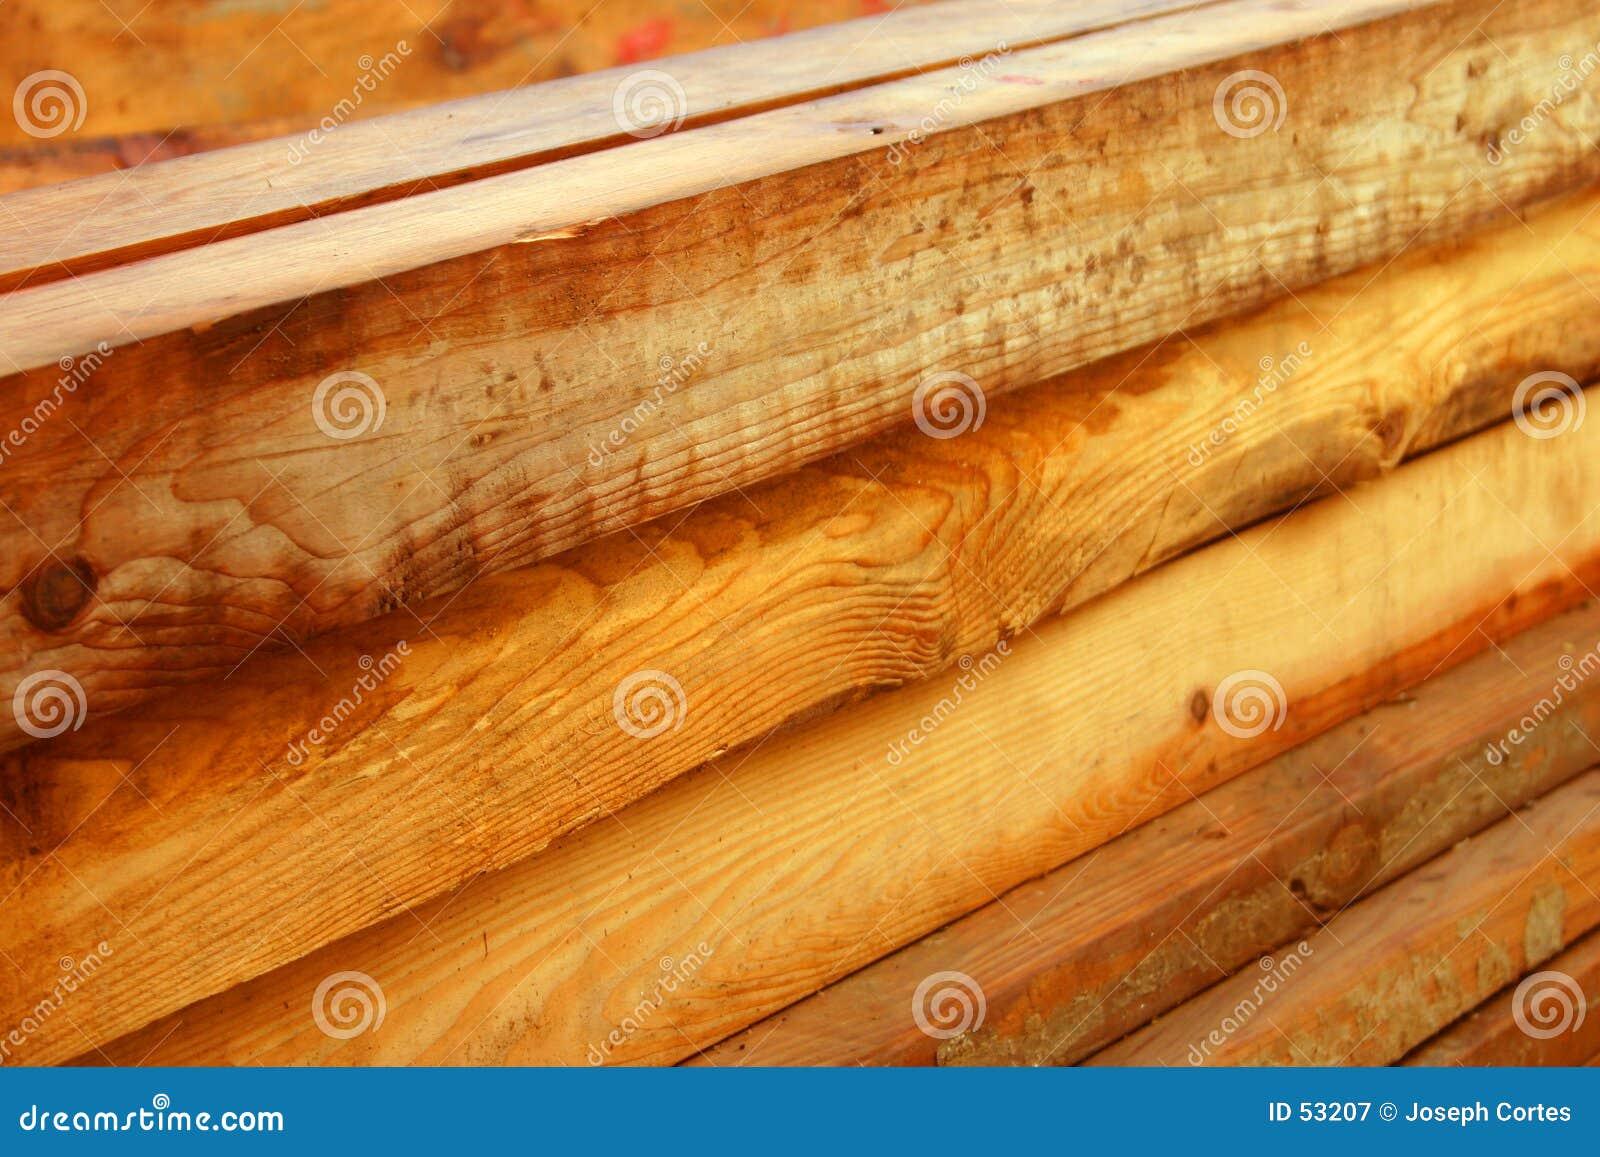 Wood beams stock image image of wallpaper texture for Natural wood beams